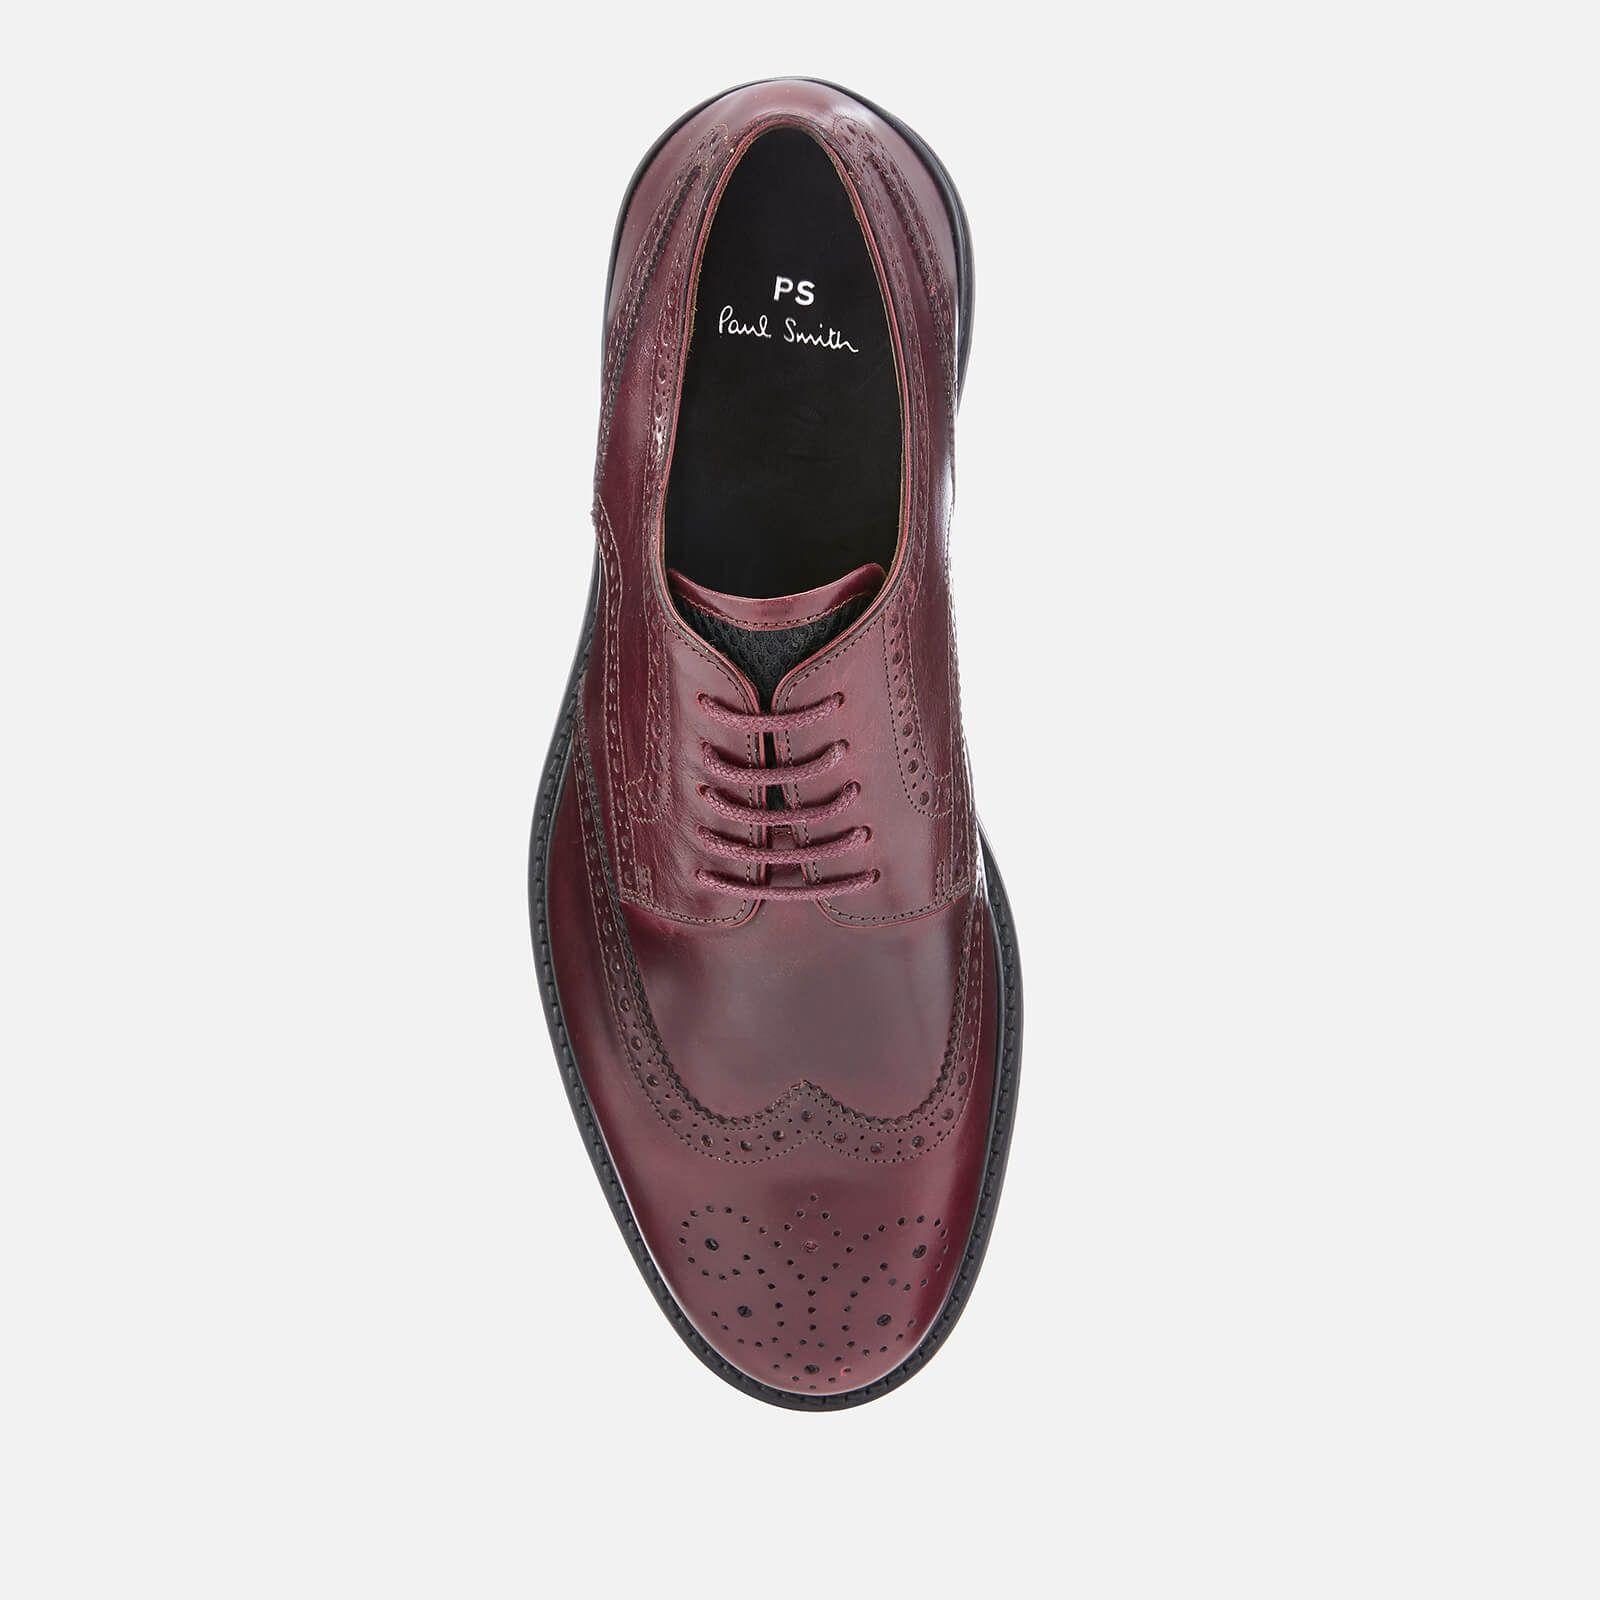 paul smith shoes men